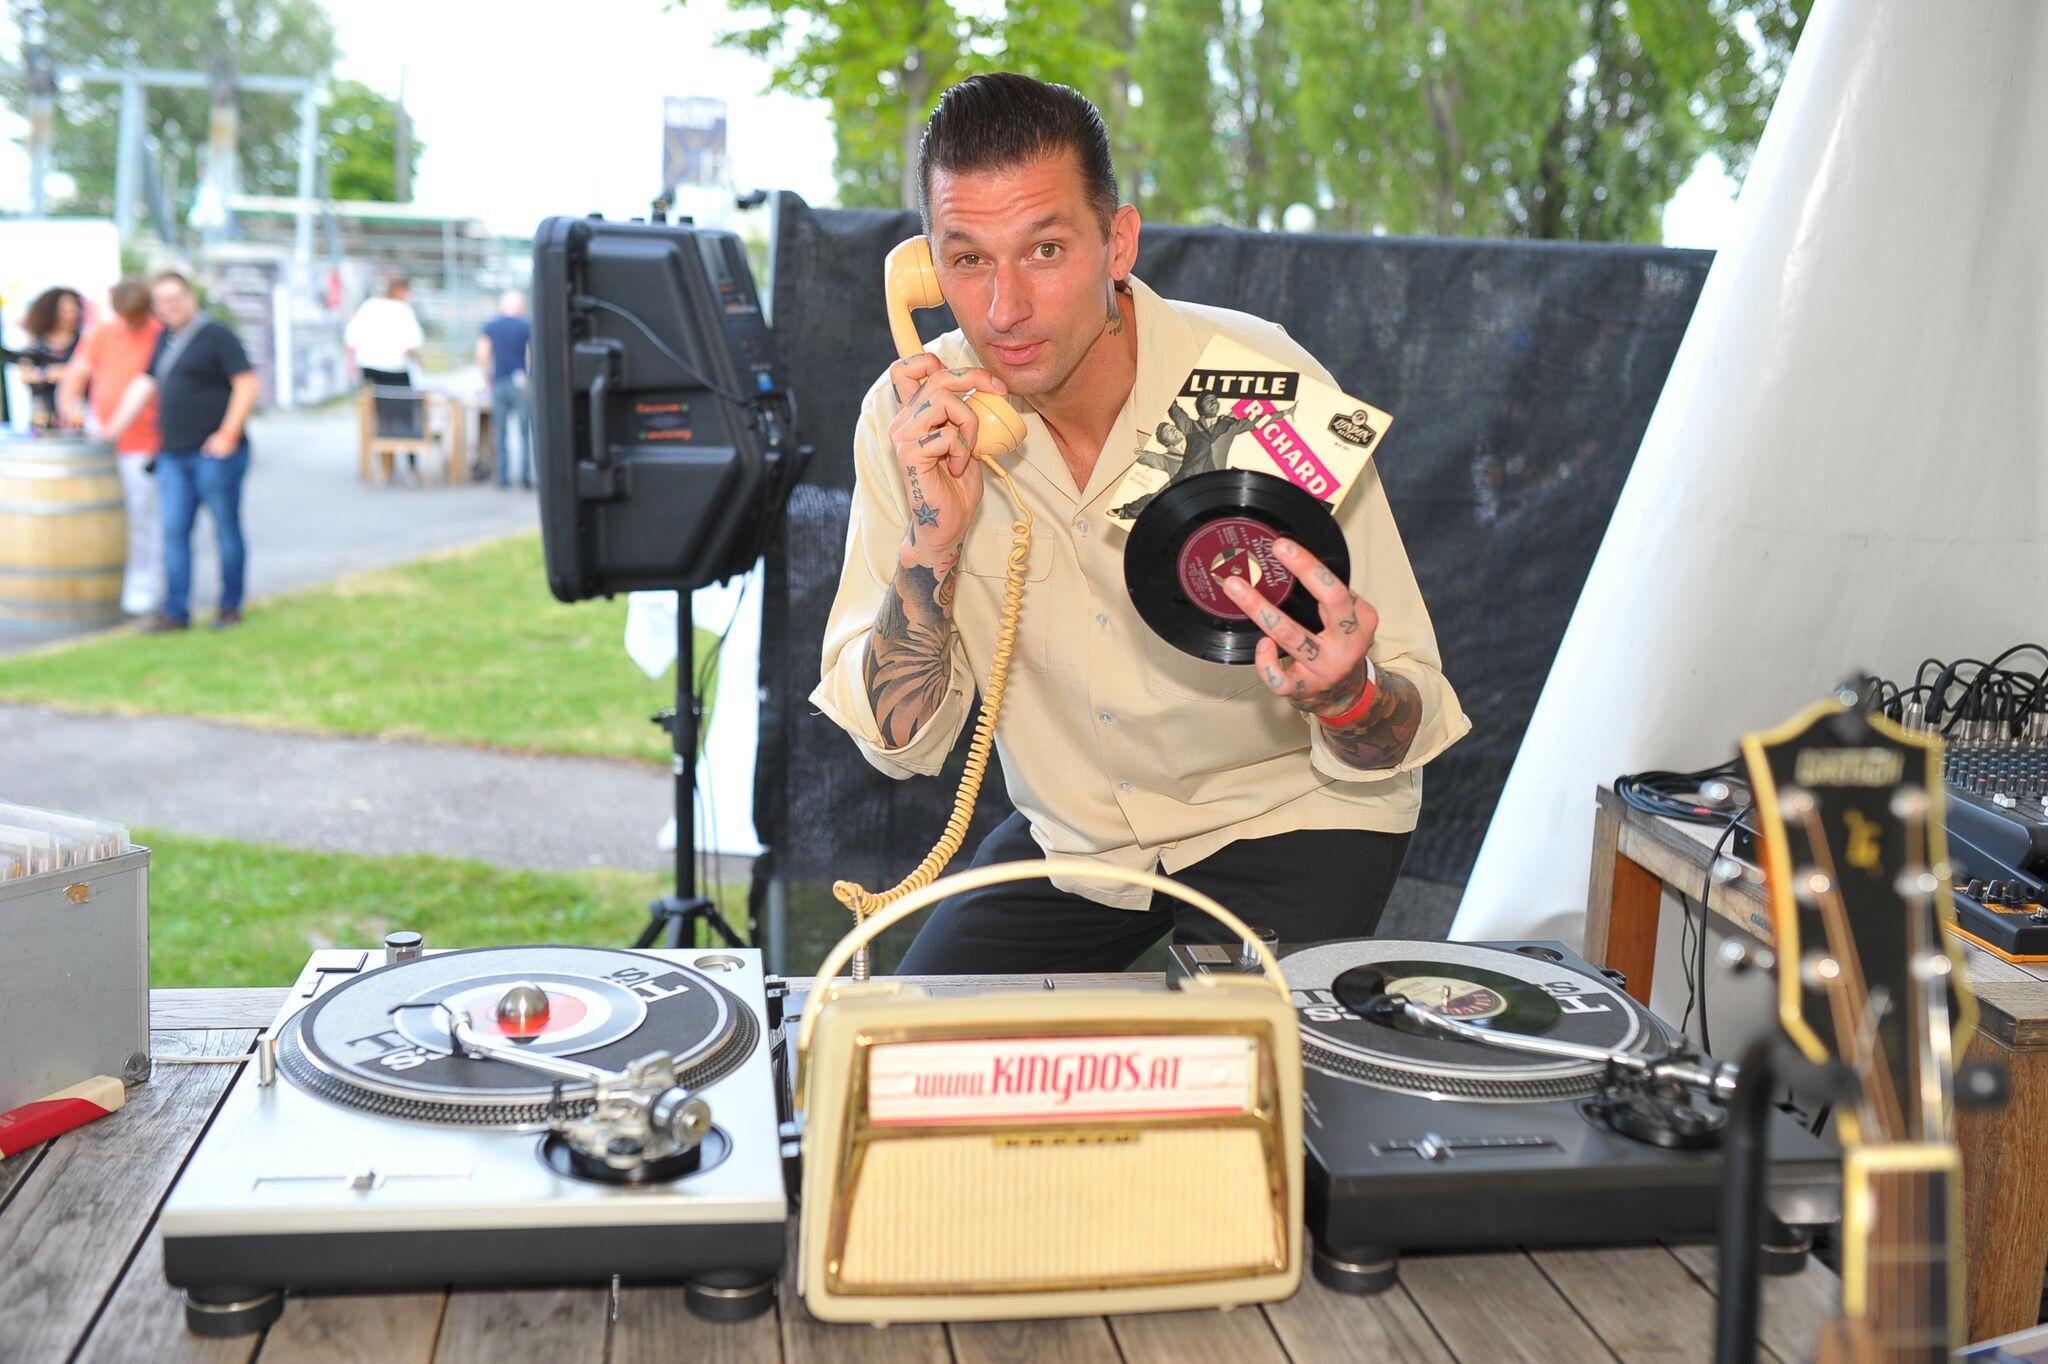 DJ Mario David